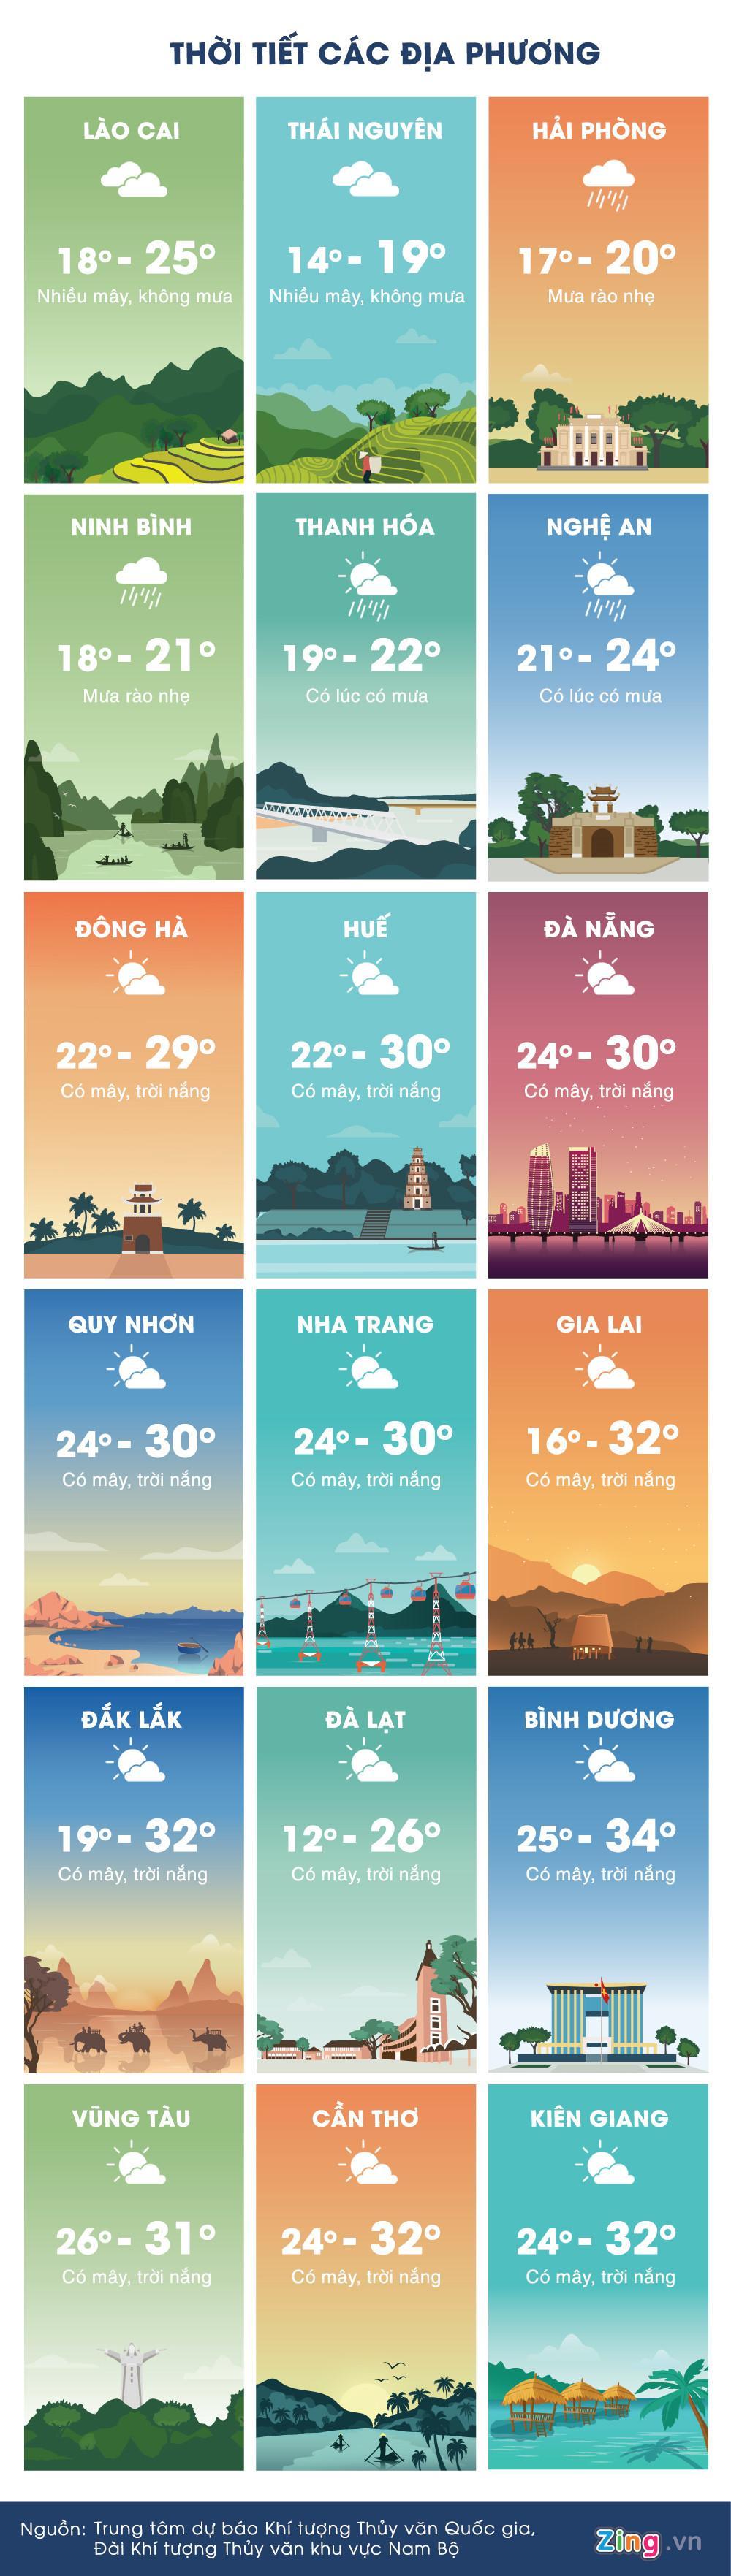 Thời tiết ngày 24/2: Hà Nội trời còn rét, thấp nhất 15 độ C Ảnh 3